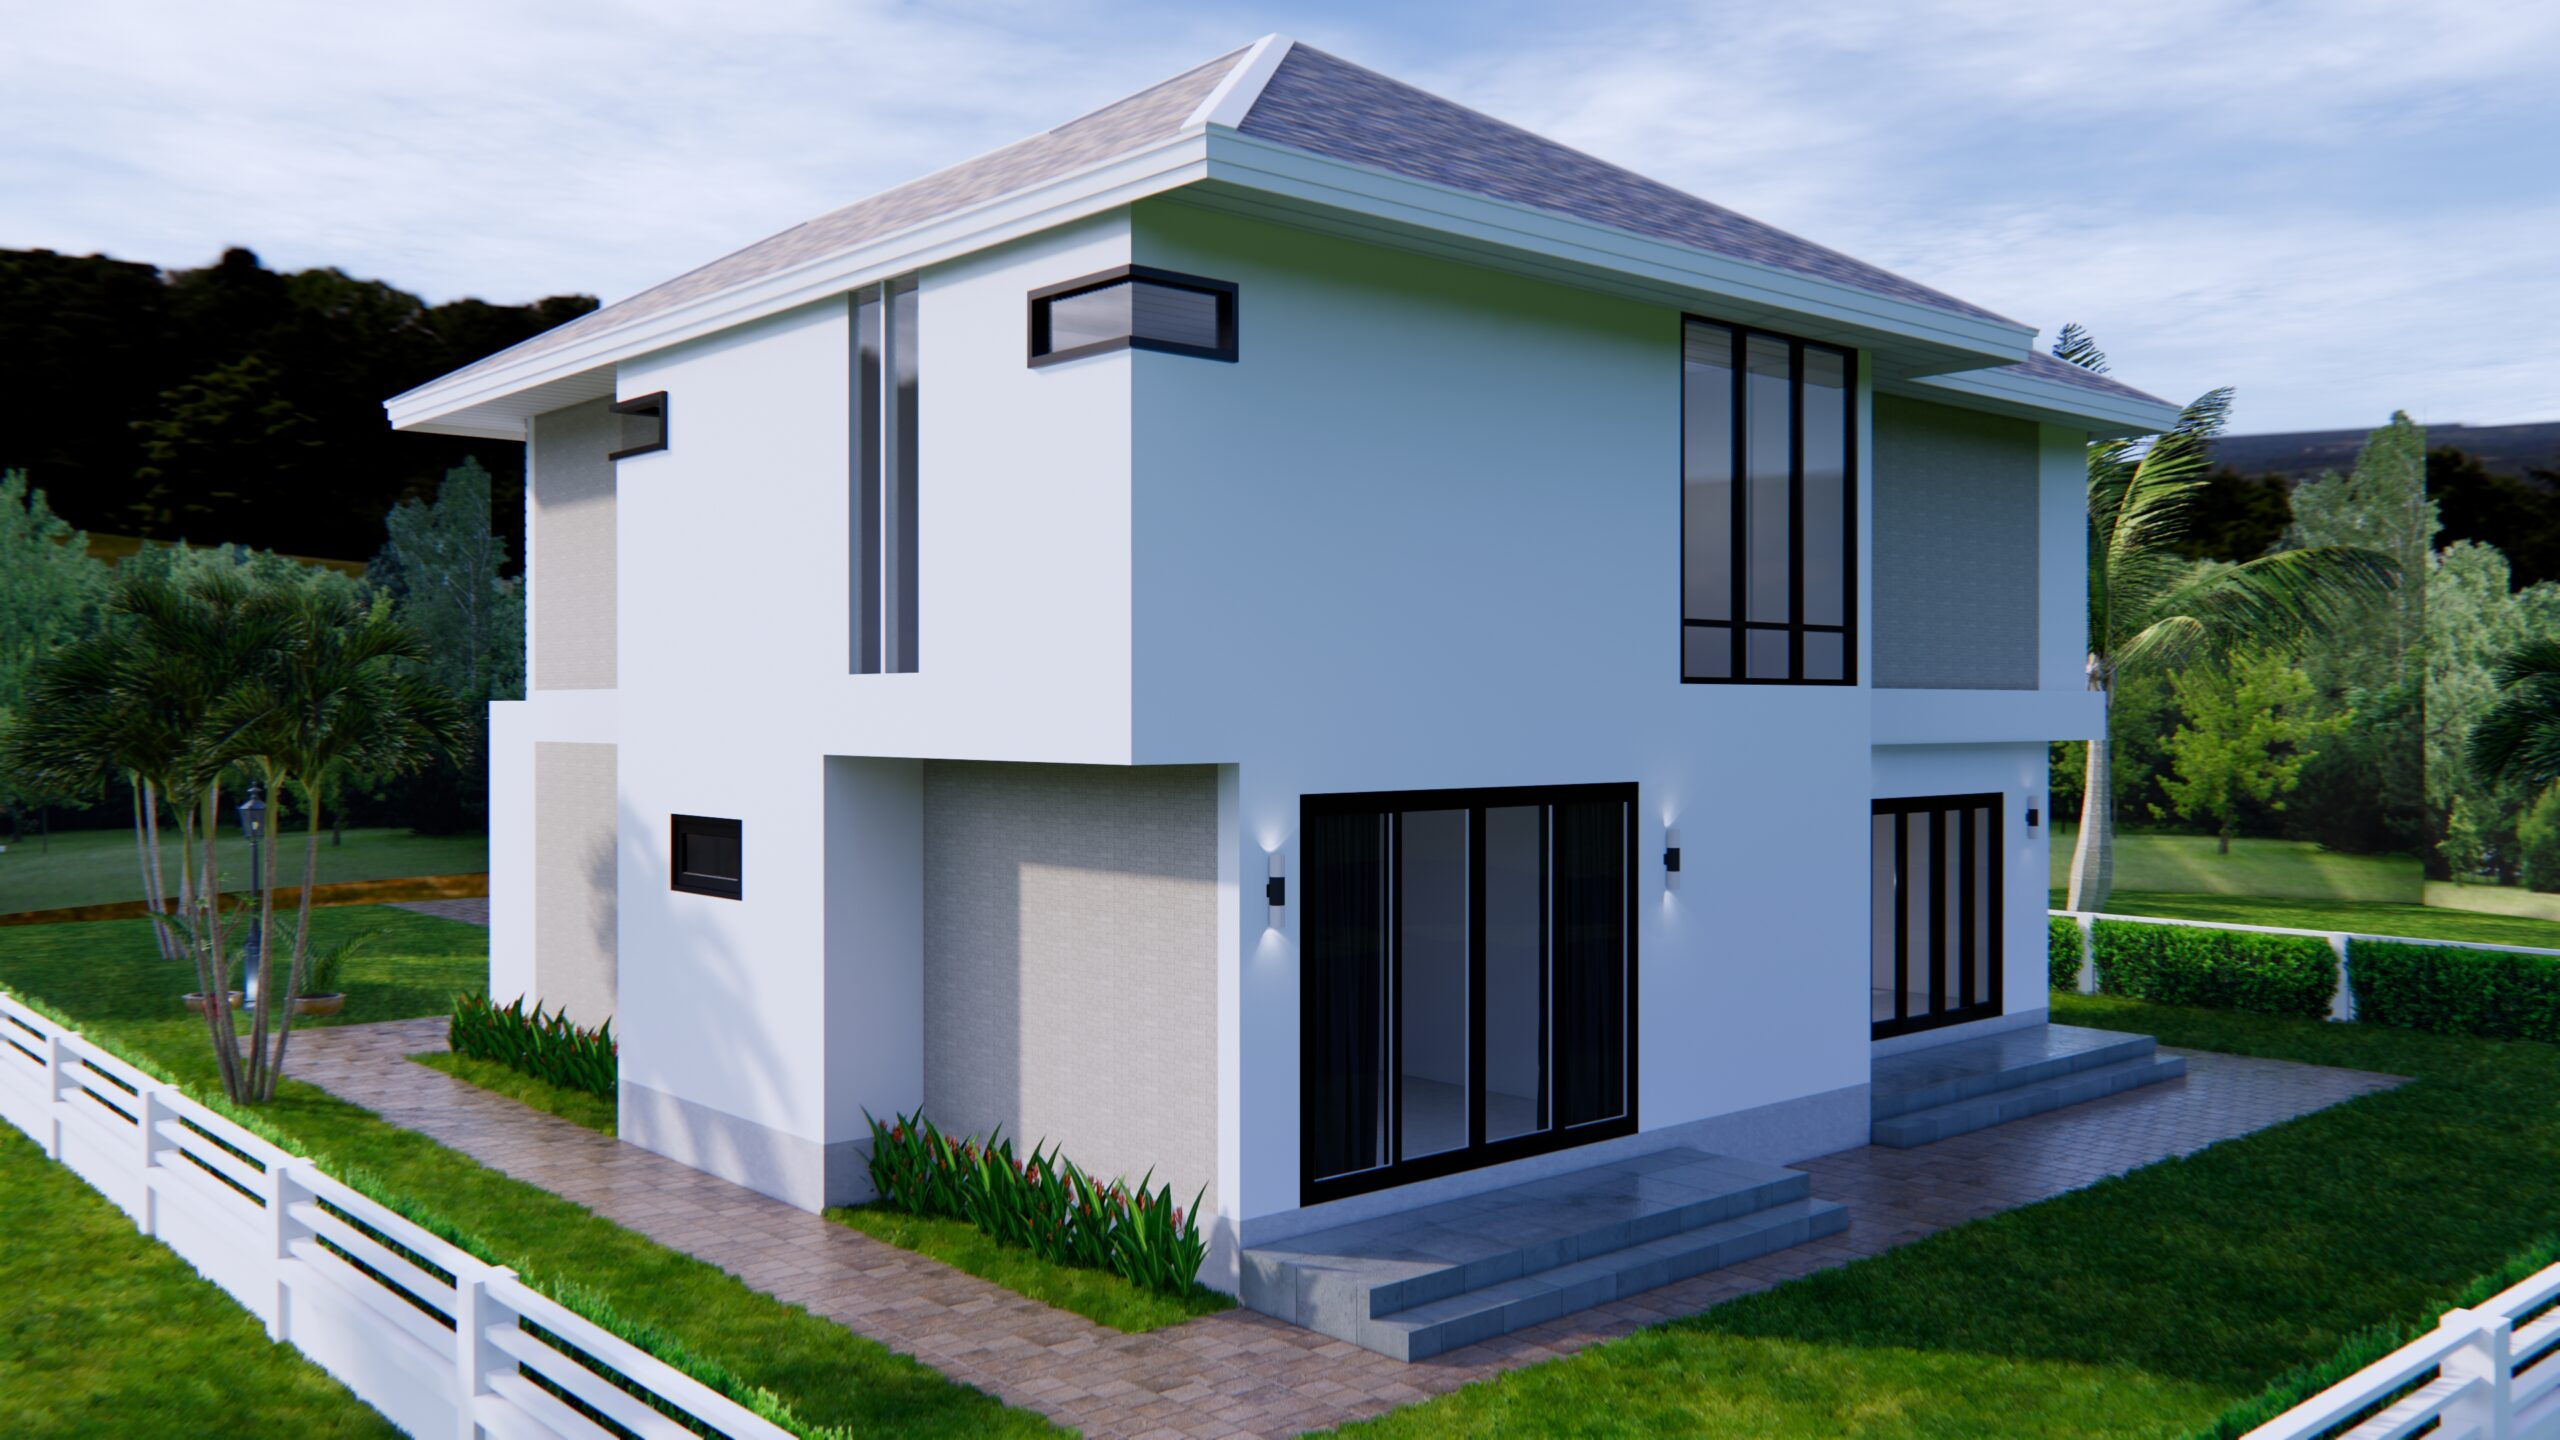 Home Designs 12.4x11 Meter 41x35 Feet 4 Beds 6